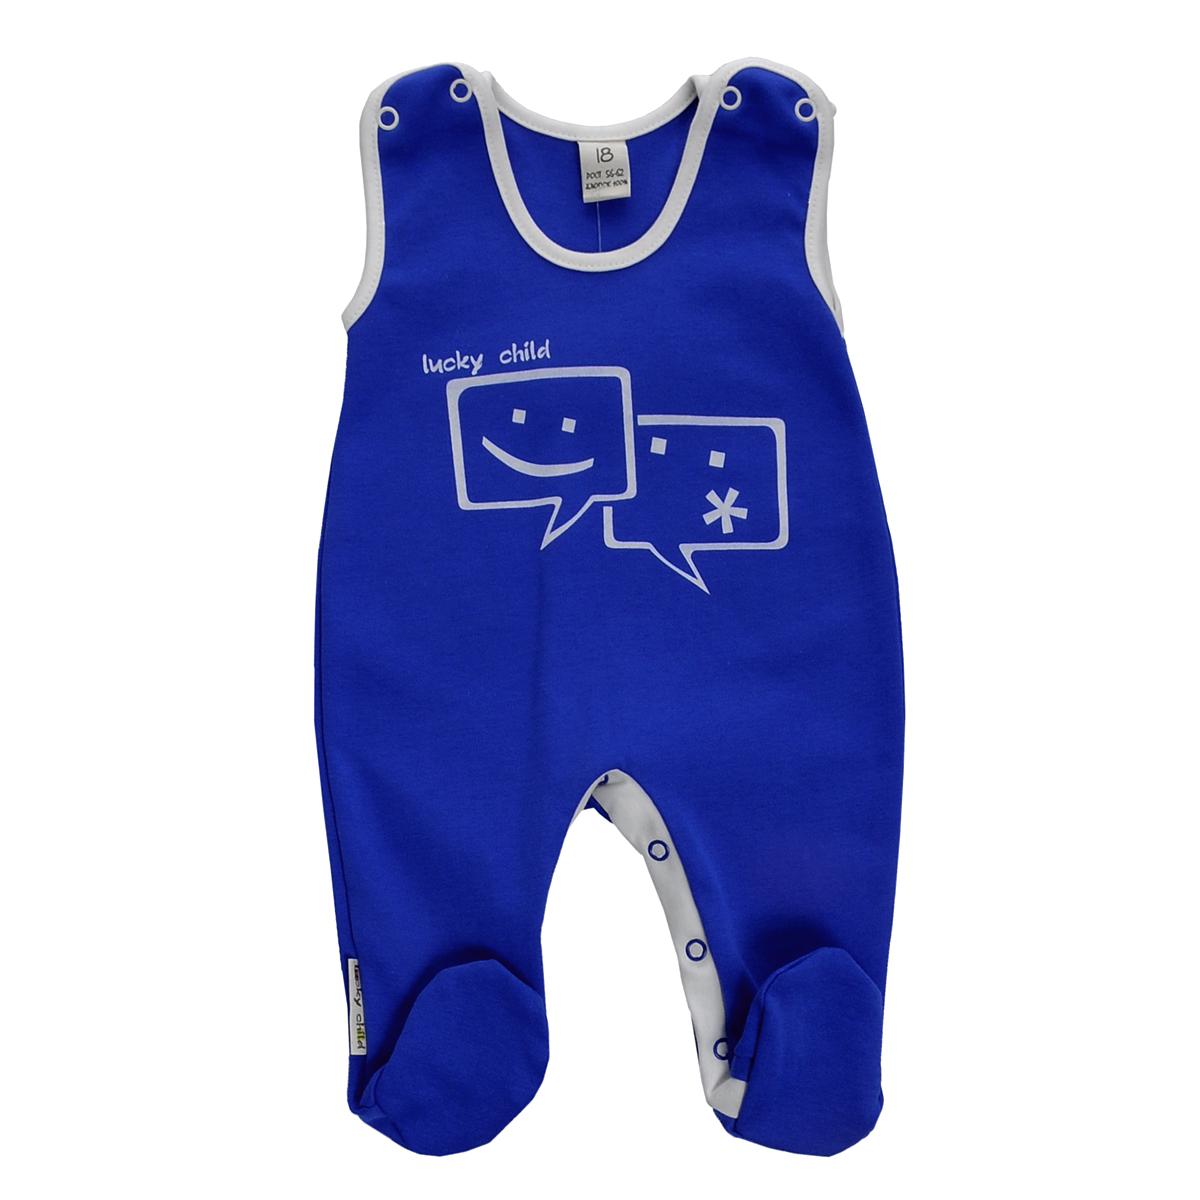 Ползунки9-2Ползунки с грудкой для мальчика Lucky Child - очень удобный и практичный вид одежды для малышей. Они отлично сочетаются с футболками и кофточками. Ползунки выполнены из натурального хлопка, благодаря чему они необычайно мягкие и приятные на ощупь, не раздражают нежную кожу ребенка и хорошо вентилируются, а эластичные швы приятны телу малыша и не препятствуют его движениям. Ползунки с закрытыми ножками, застегивающиеся сверху на кнопки, идеально подойдут вашему малышу, обеспечивая ему наибольший комфорт. Они подходят для ношения с подгузником и без него. Кнопки на ластовице помогают легко и без труда поменять подгузник в течение дня. На груди они оформлены оригинальным принтом в виде смайликов. Ползунки с грудкой полностью соответствуют особенностям жизни малыша в ранний период, не стесняя и не ограничивая его в движениях!